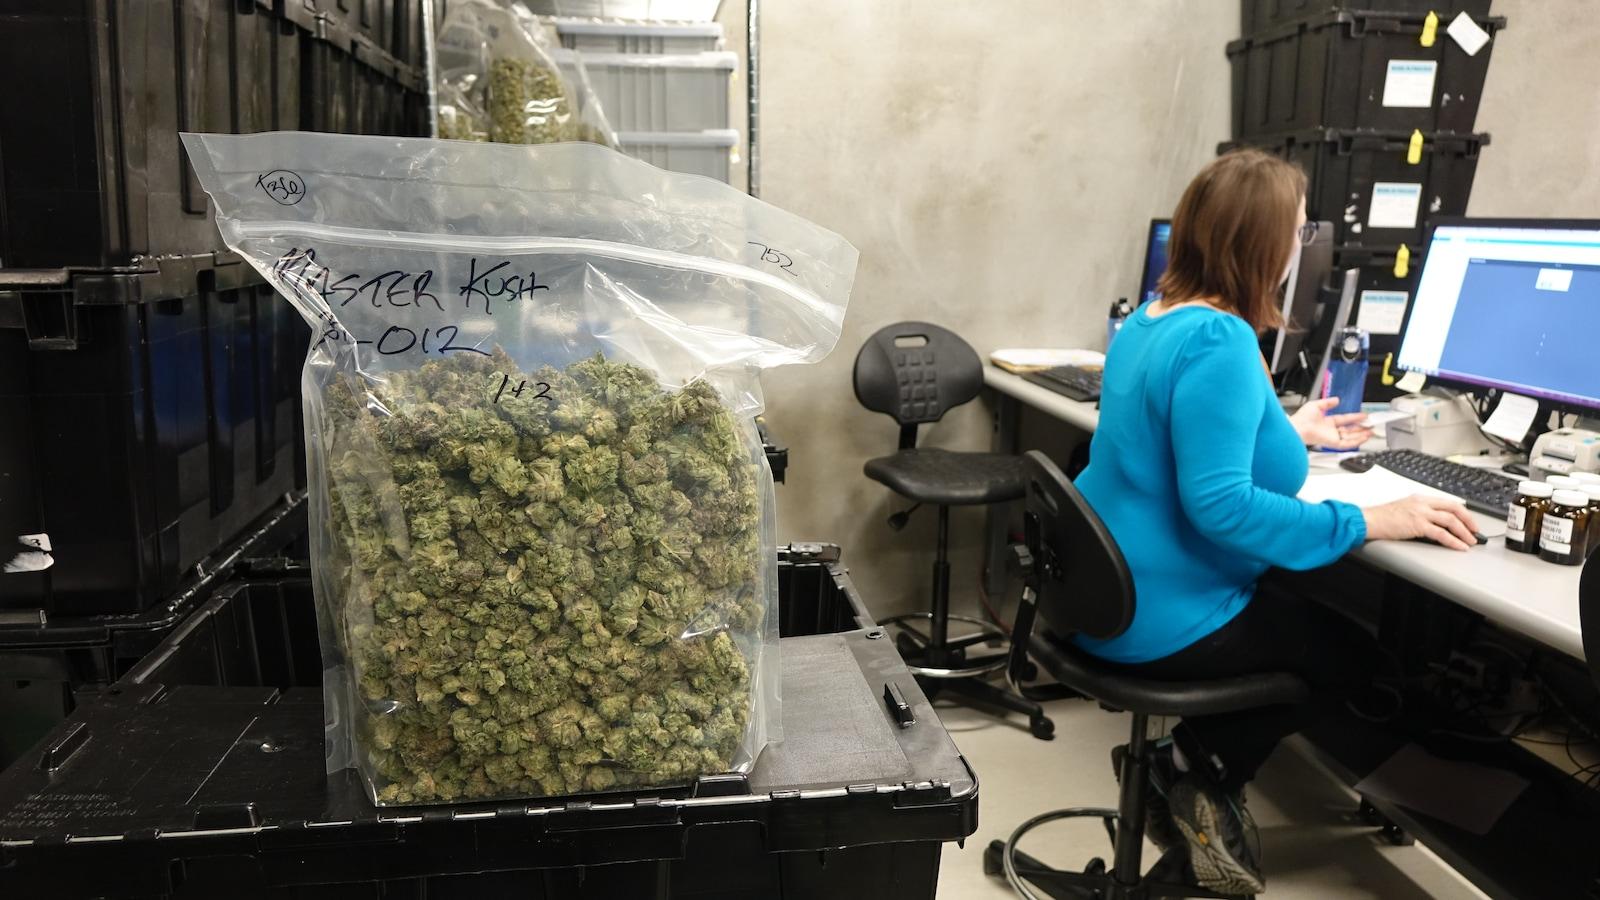 Un sac de cannabis près d'une femme devant un ordinateur.